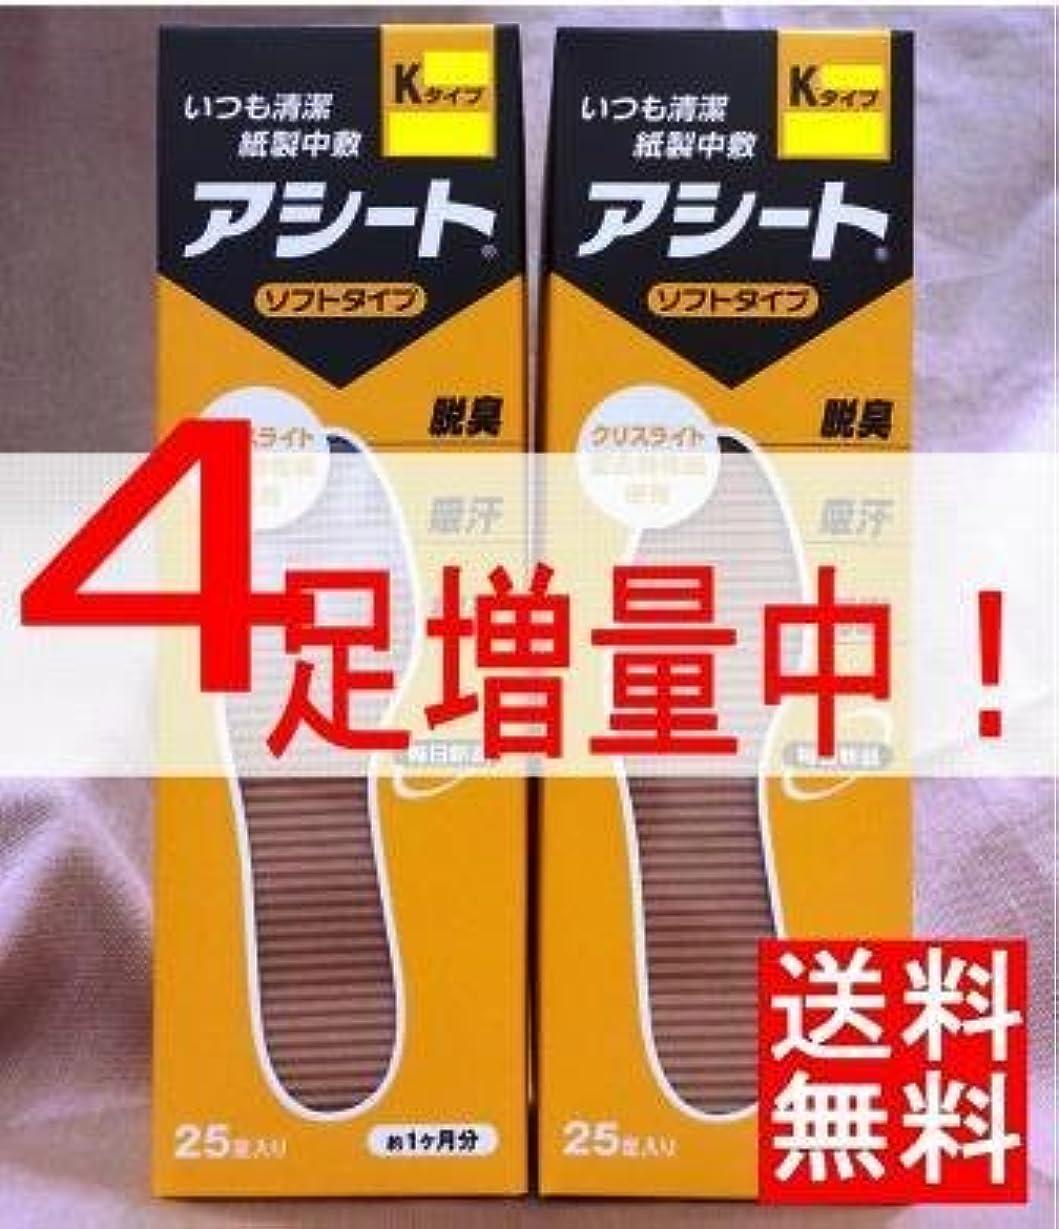 水曜日仲間マニュアルアシートK(サイズ27cm)×2箱セット(4足増量中)